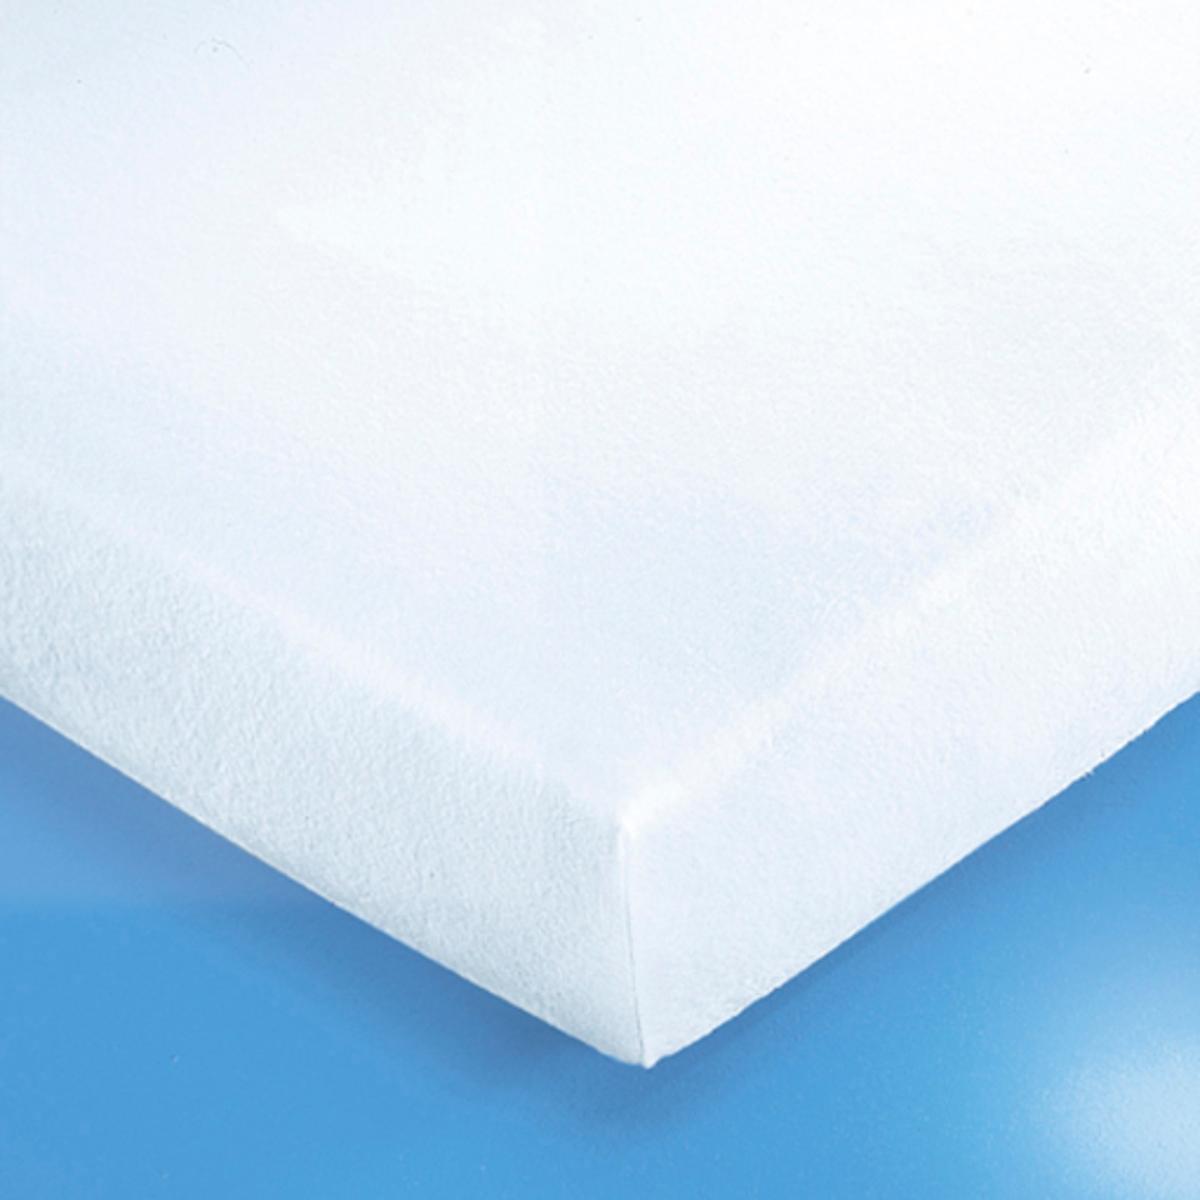 Чехол La Redoute Защитный на матрас натяжной из эластичной махровой ткани с непромокаемой прослойкой из полиуре 60 x 120 см белый чехол la redoute защитный для матраса гм из махровой ткани с непромокаемым покрытием из пвх 60 x 120 см белый